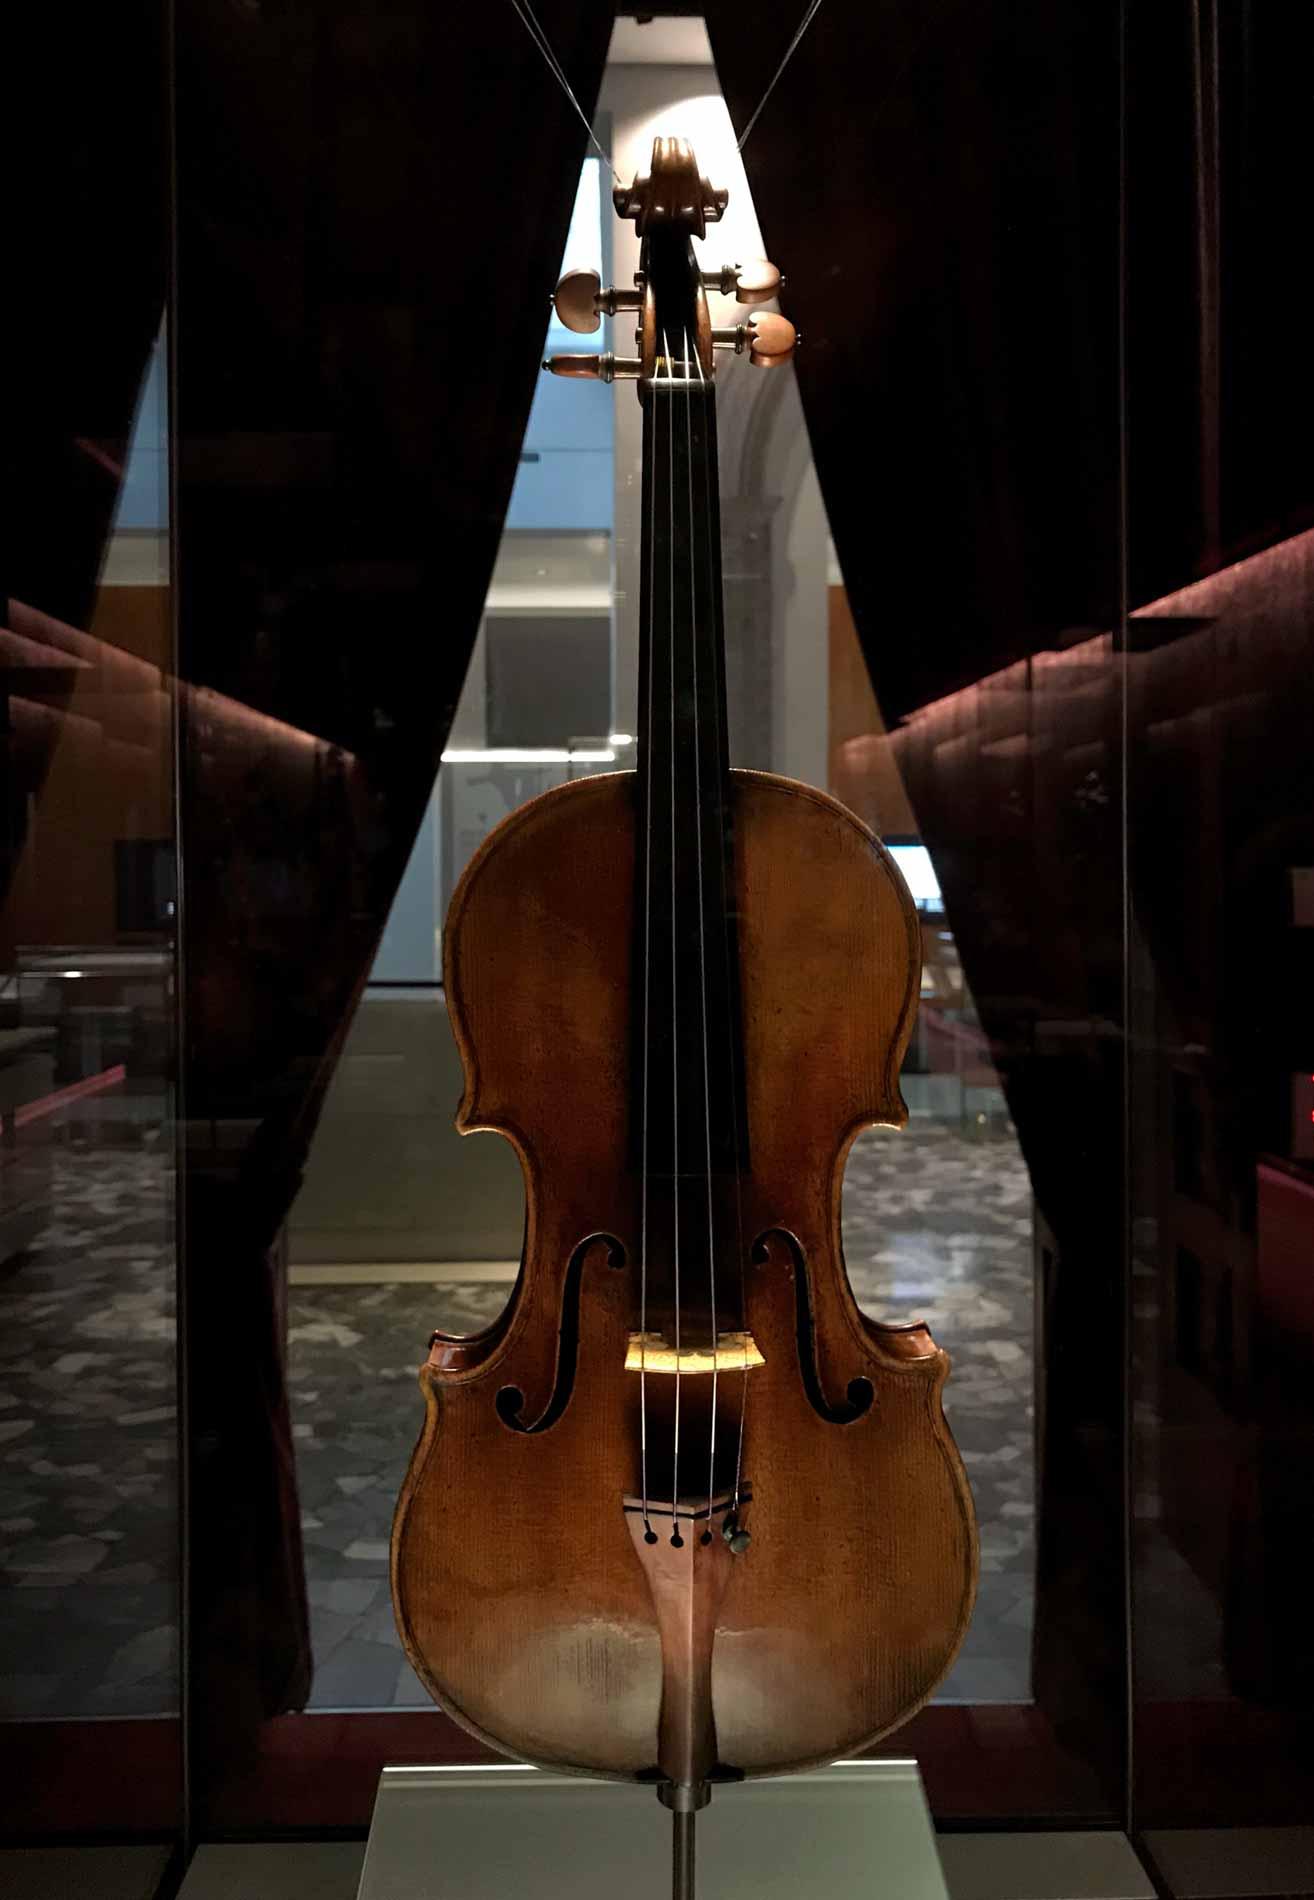 museo-del-violino-Cremona-violino-stradivari